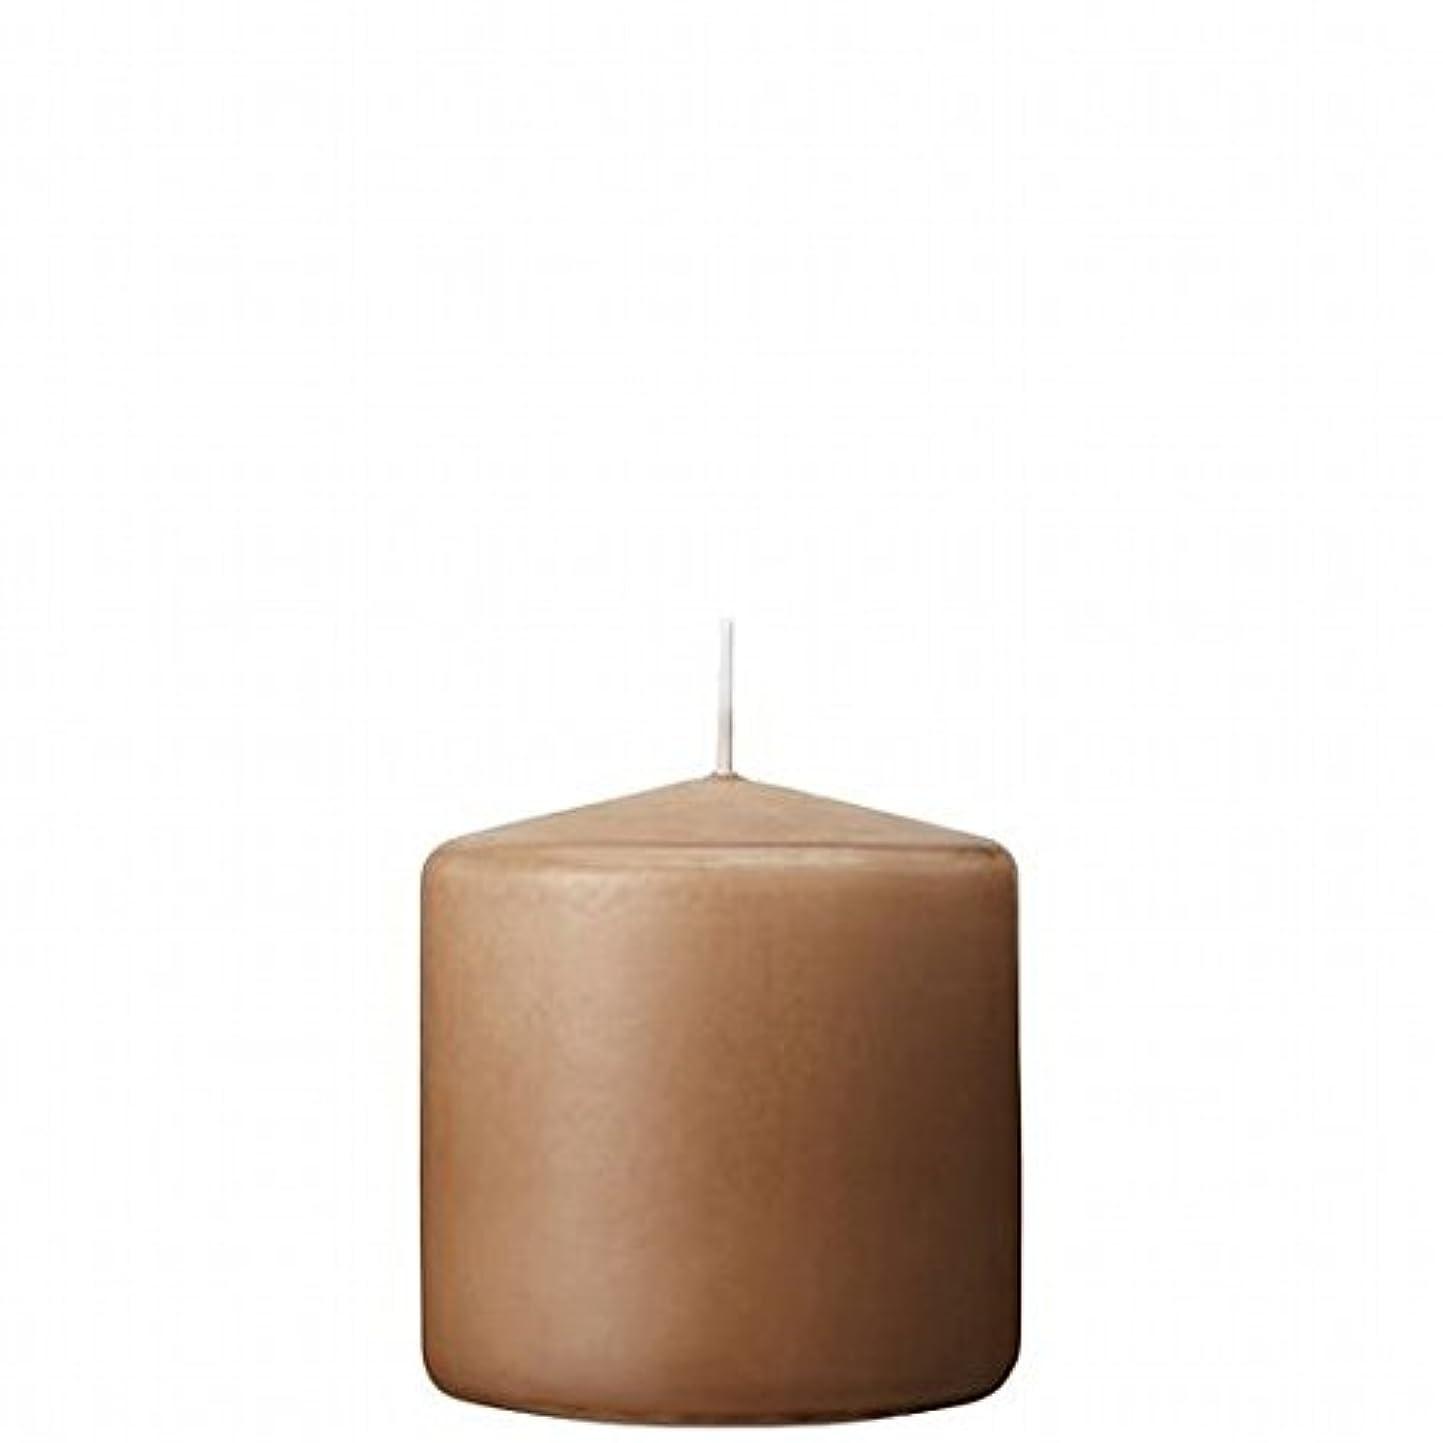 肌リスキーなタイヤkameyama candle(カメヤマキャンドル) 3×3ベルトップピラーキャンドル 「 モカ 」(A9730000MO)